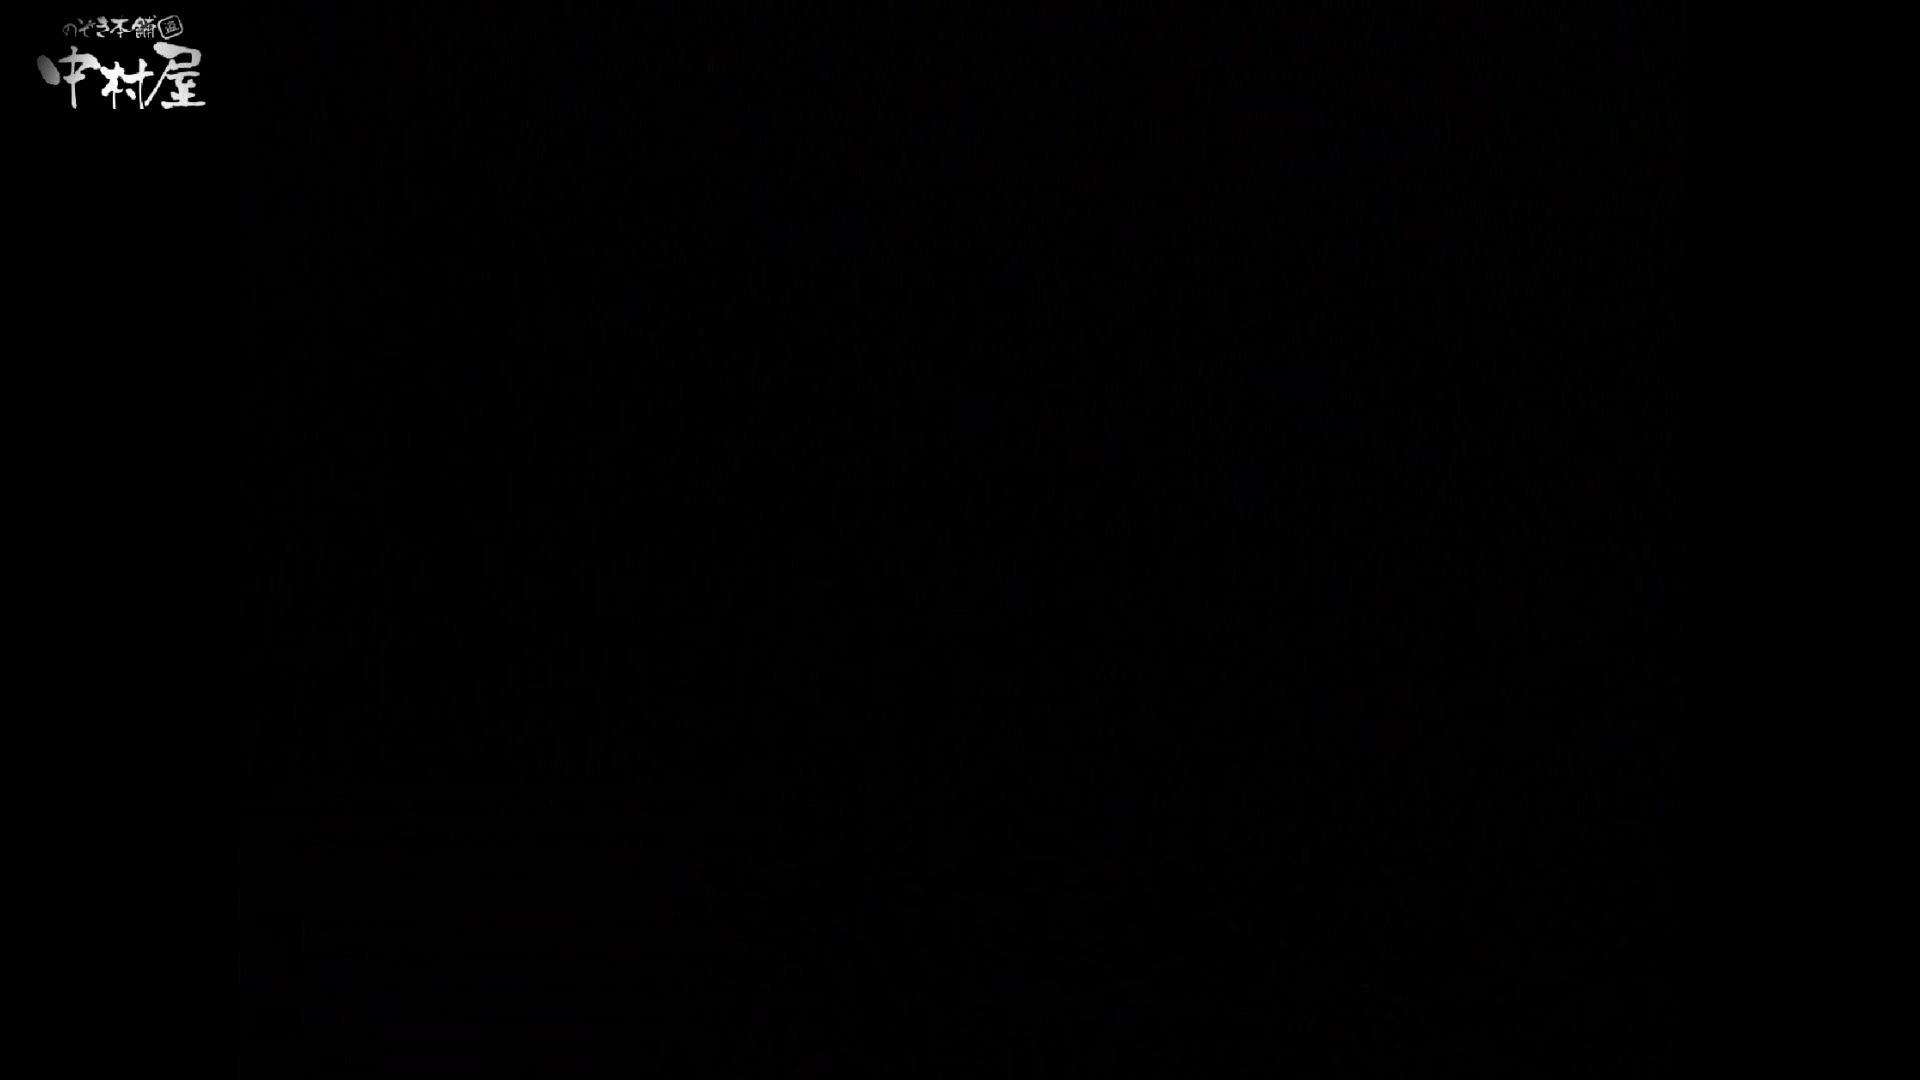 民家風呂専門盗撮師の超危険映像 vol.018 OLセックス 覗きぱこり動画紹介 62画像 62